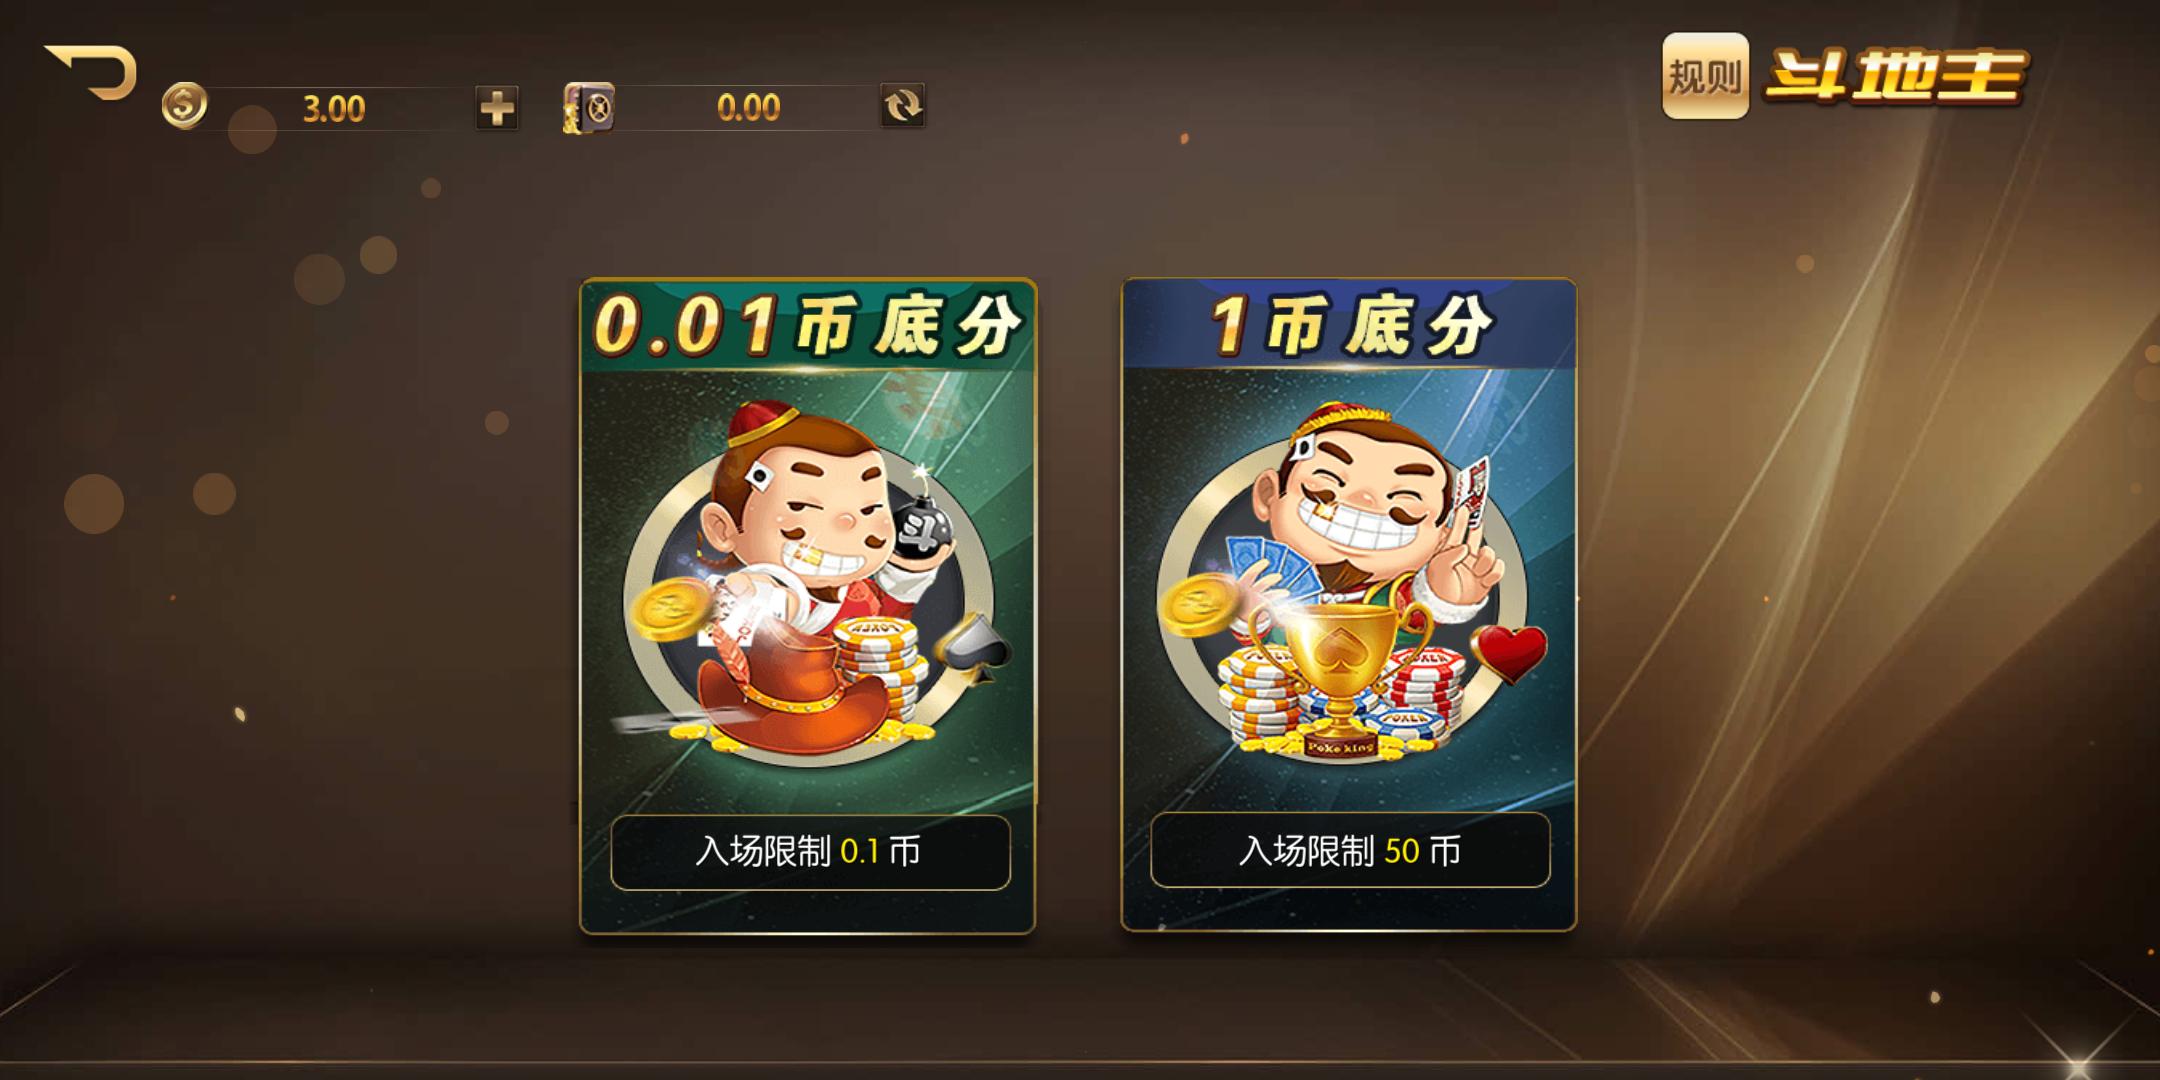 詹皇棋牌图2